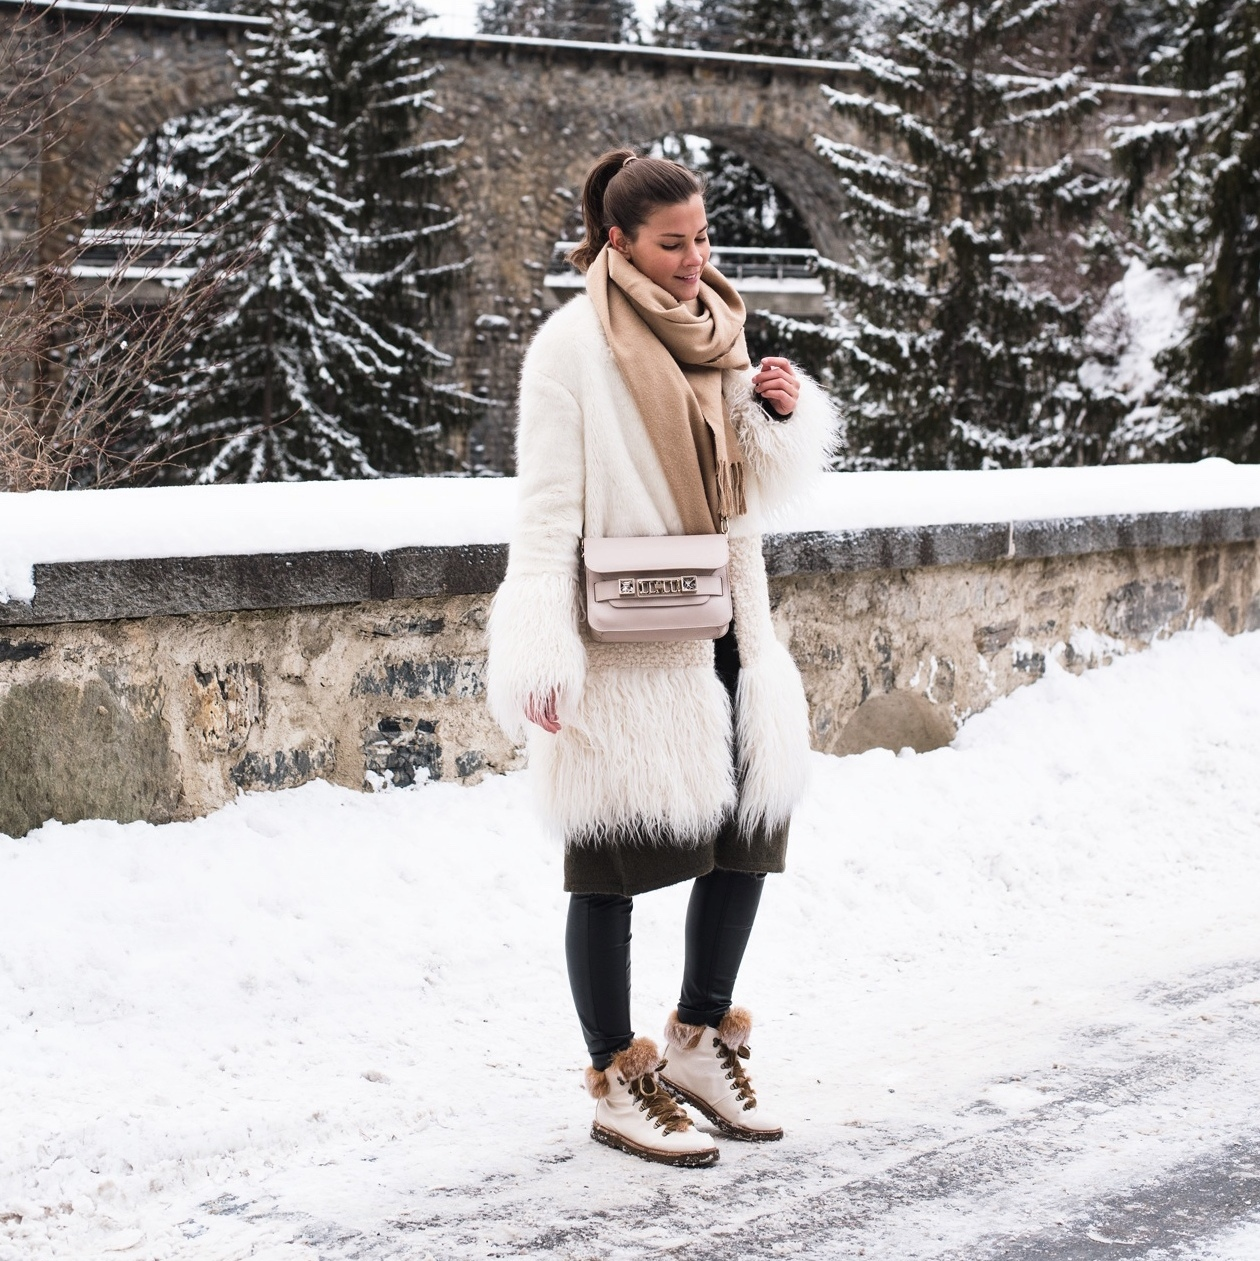 fashionblog-deutschland-mit-hoher-reichweite-fashiioncarpet